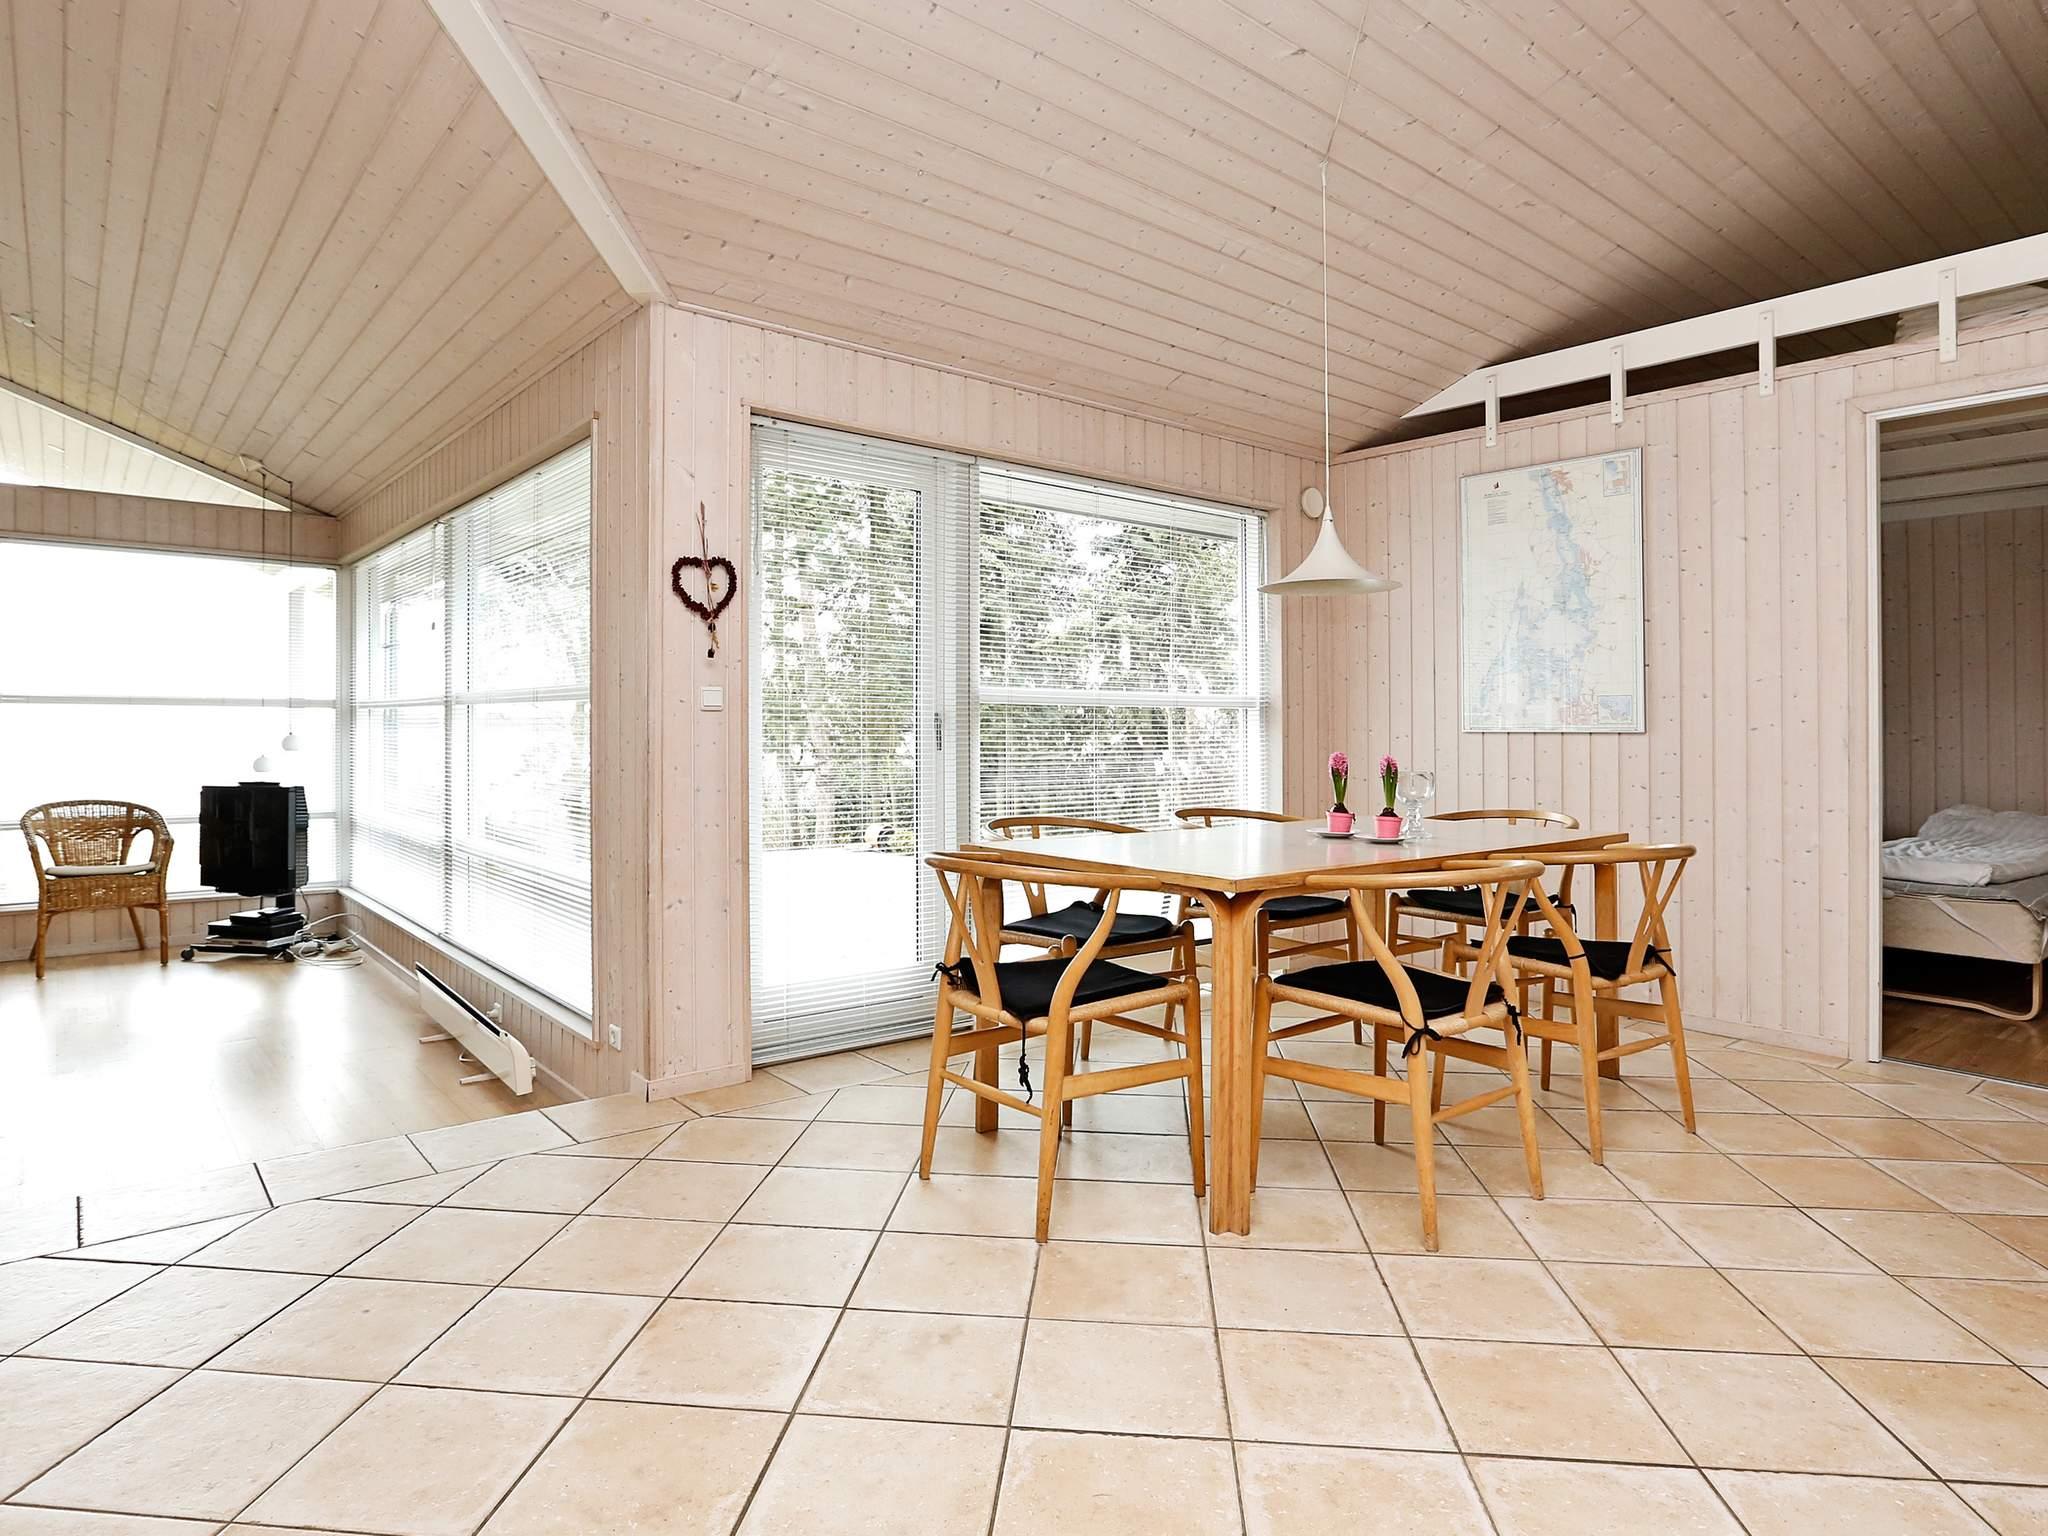 Ferienhaus Skibby (124927), Kirke Hyllinge, , Nordseeland, Dänemark, Bild 4